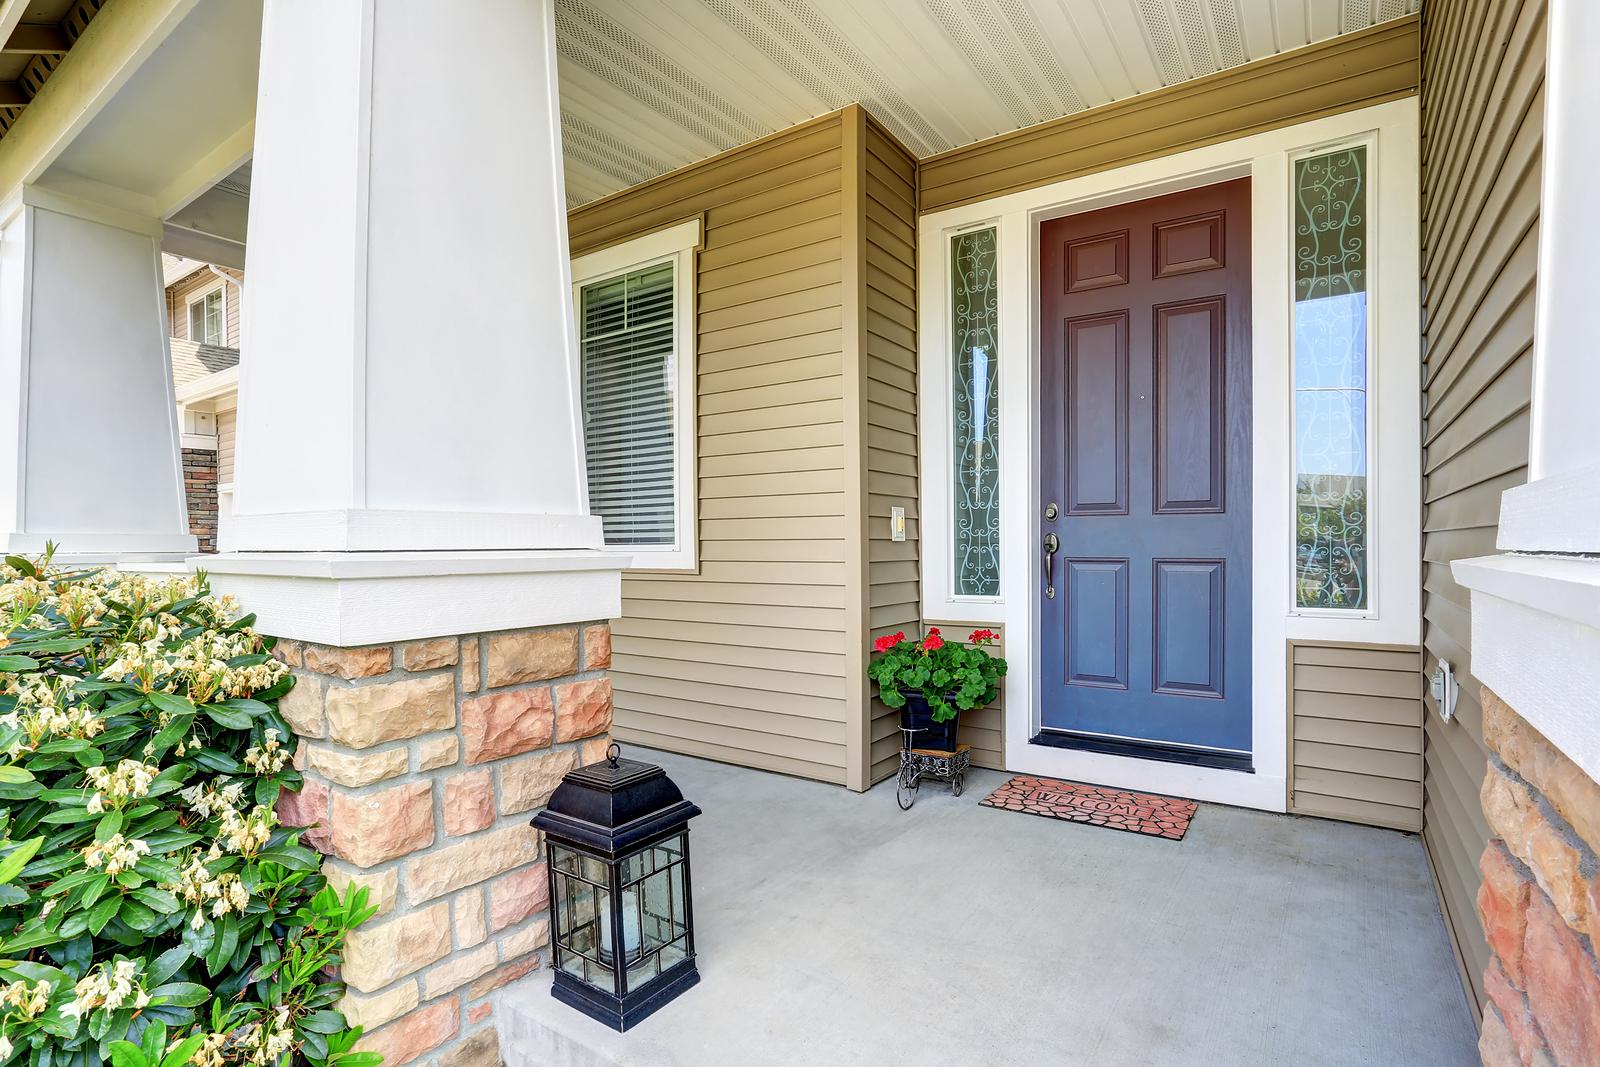 front exterior door in home